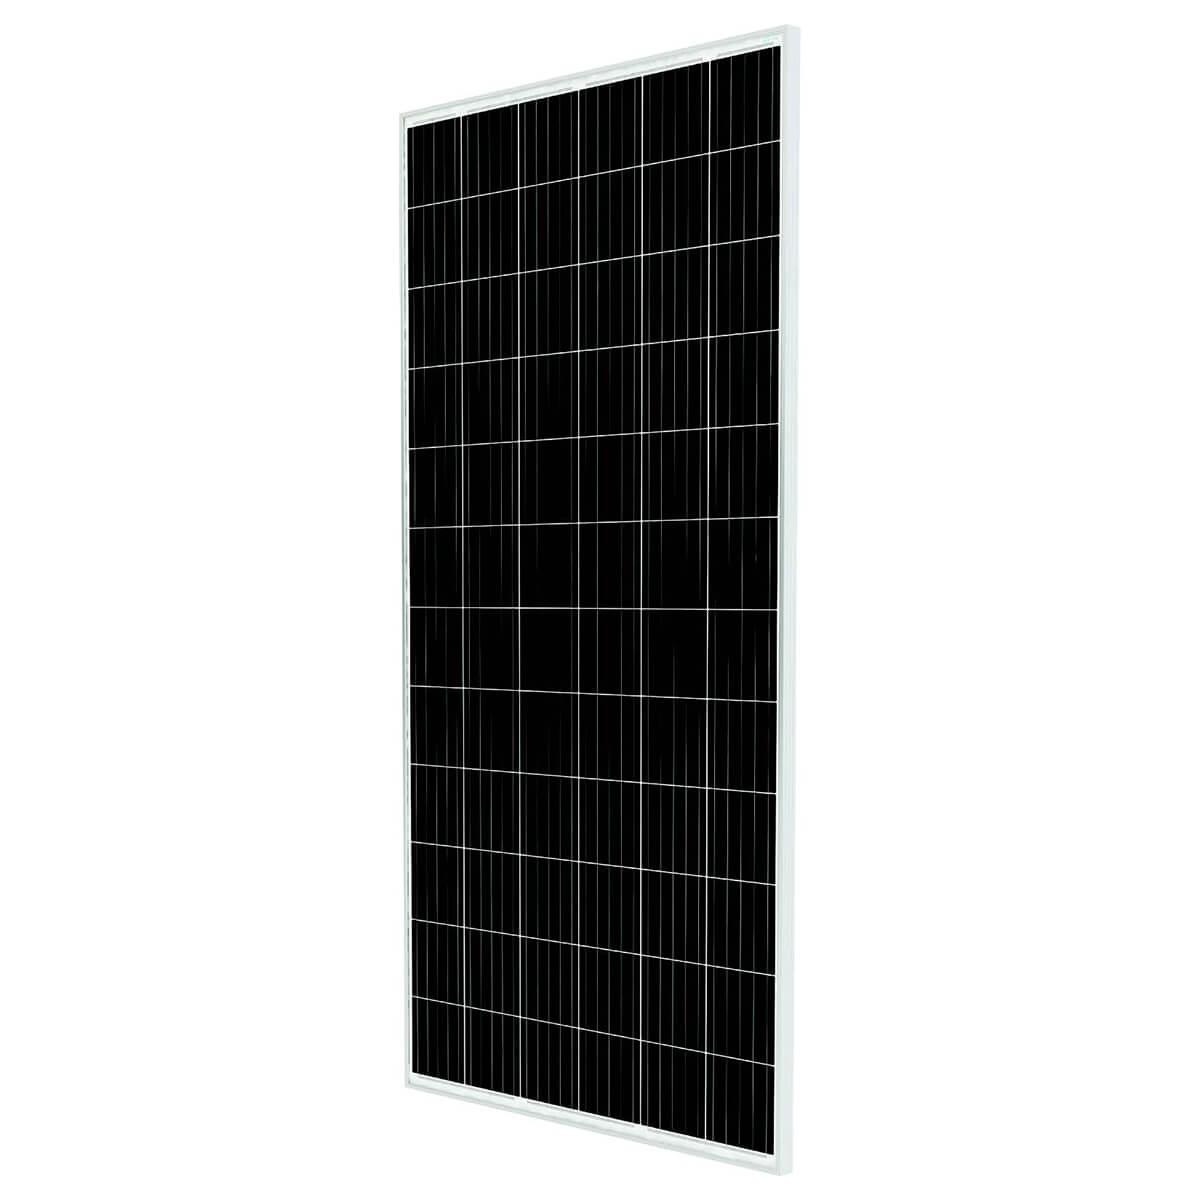 tommatech 390W panel, tommatech 390Watt panel, tommatech 390 W panel, tommatech 390 Watt panel, tommatech 390 Watt monokristal panel, tommatech 390 W watt gunes paneli, tommatech 390 W watt monokristal gunes paneli, tommatech 390 W Watt fotovoltaik monokristal solar panel, tommatech 390W monokristal gunes enerjisi, tommatech TT390-72PM-390W panel, TOMMATECH 390 WATT